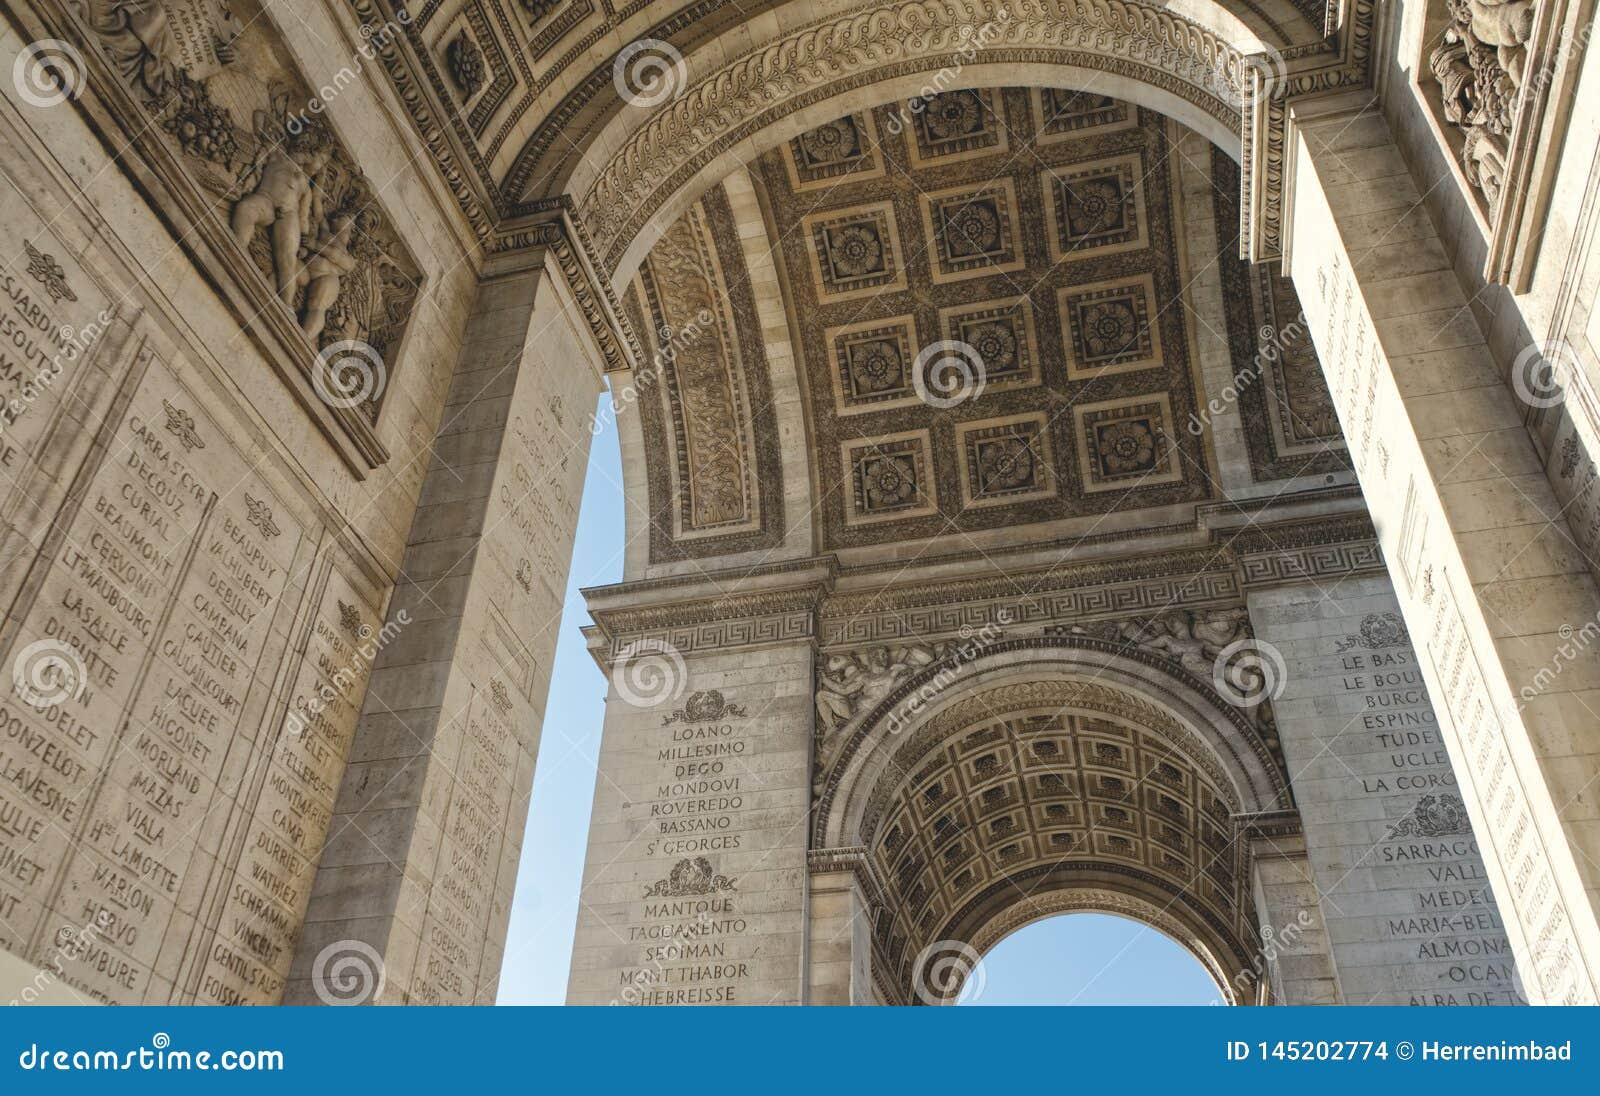 Arc de triomphe interior view